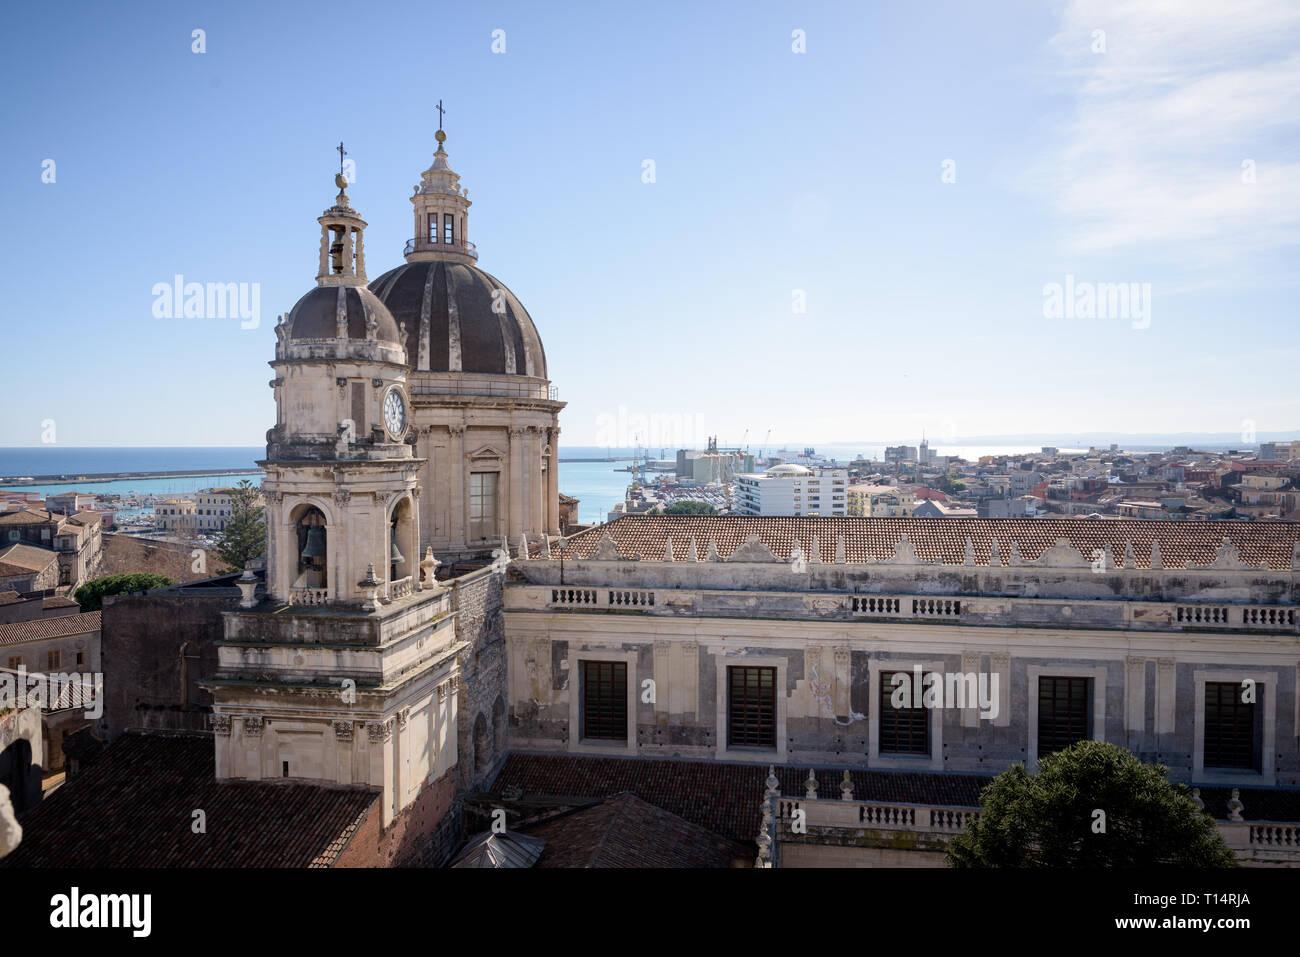 Catania la Catedral de Sant'Agata, en el centro de la ciudad de Sicilia, Italia. Visto desde la terraza de la iglesia cercana. Foto de stock